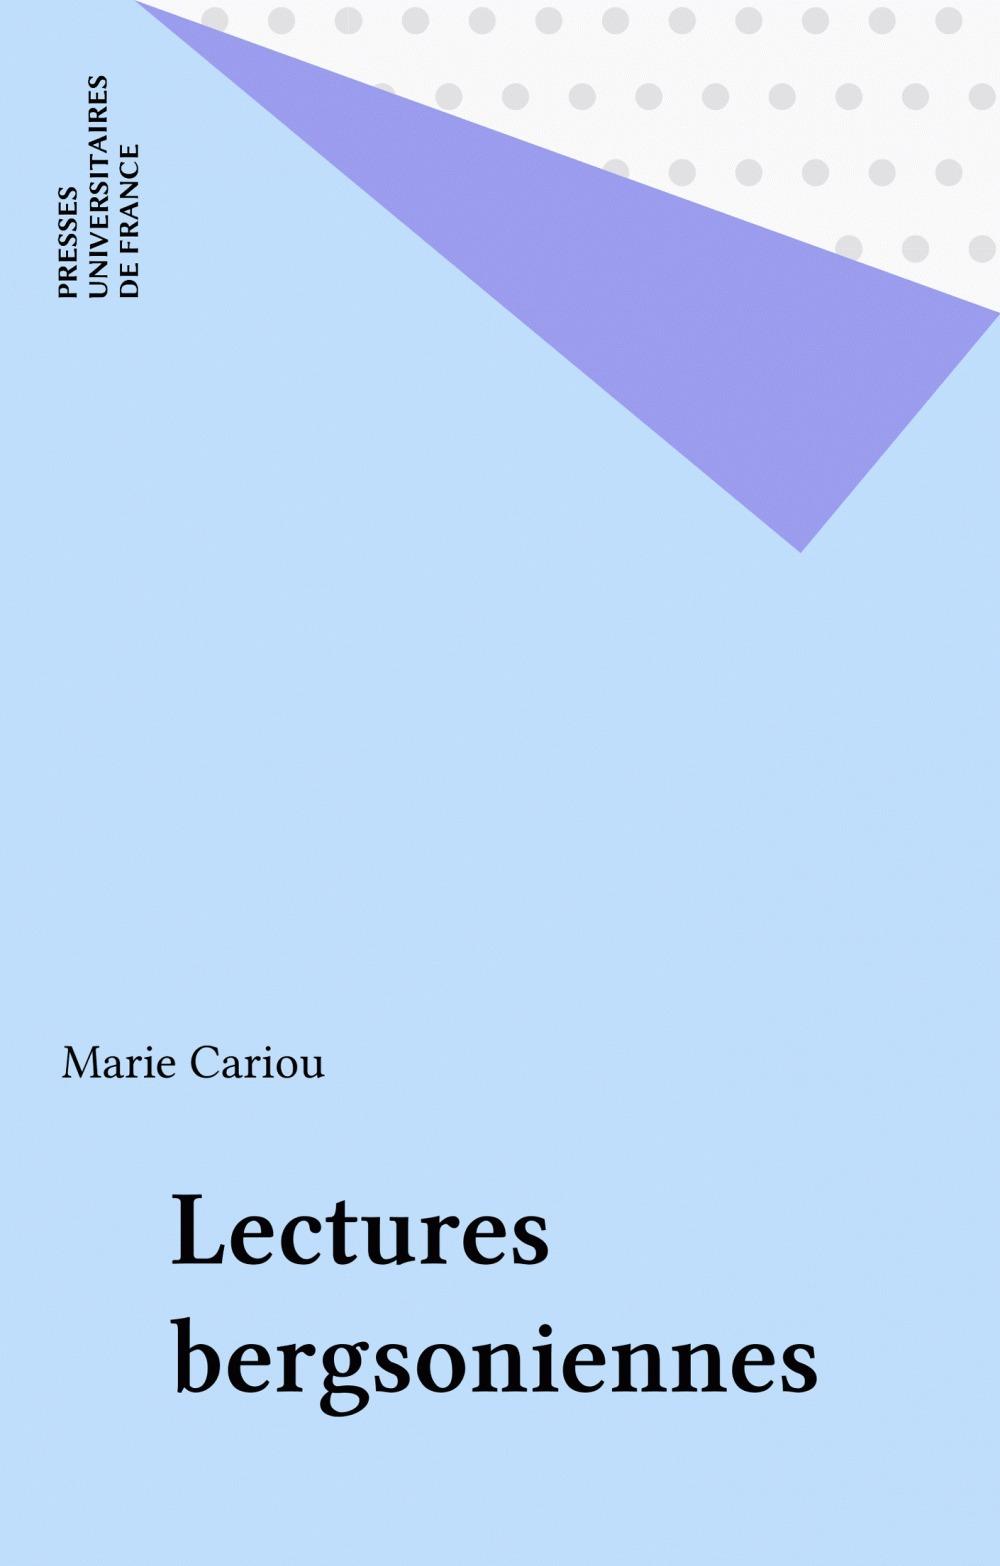 Les lectures bergsoniennes